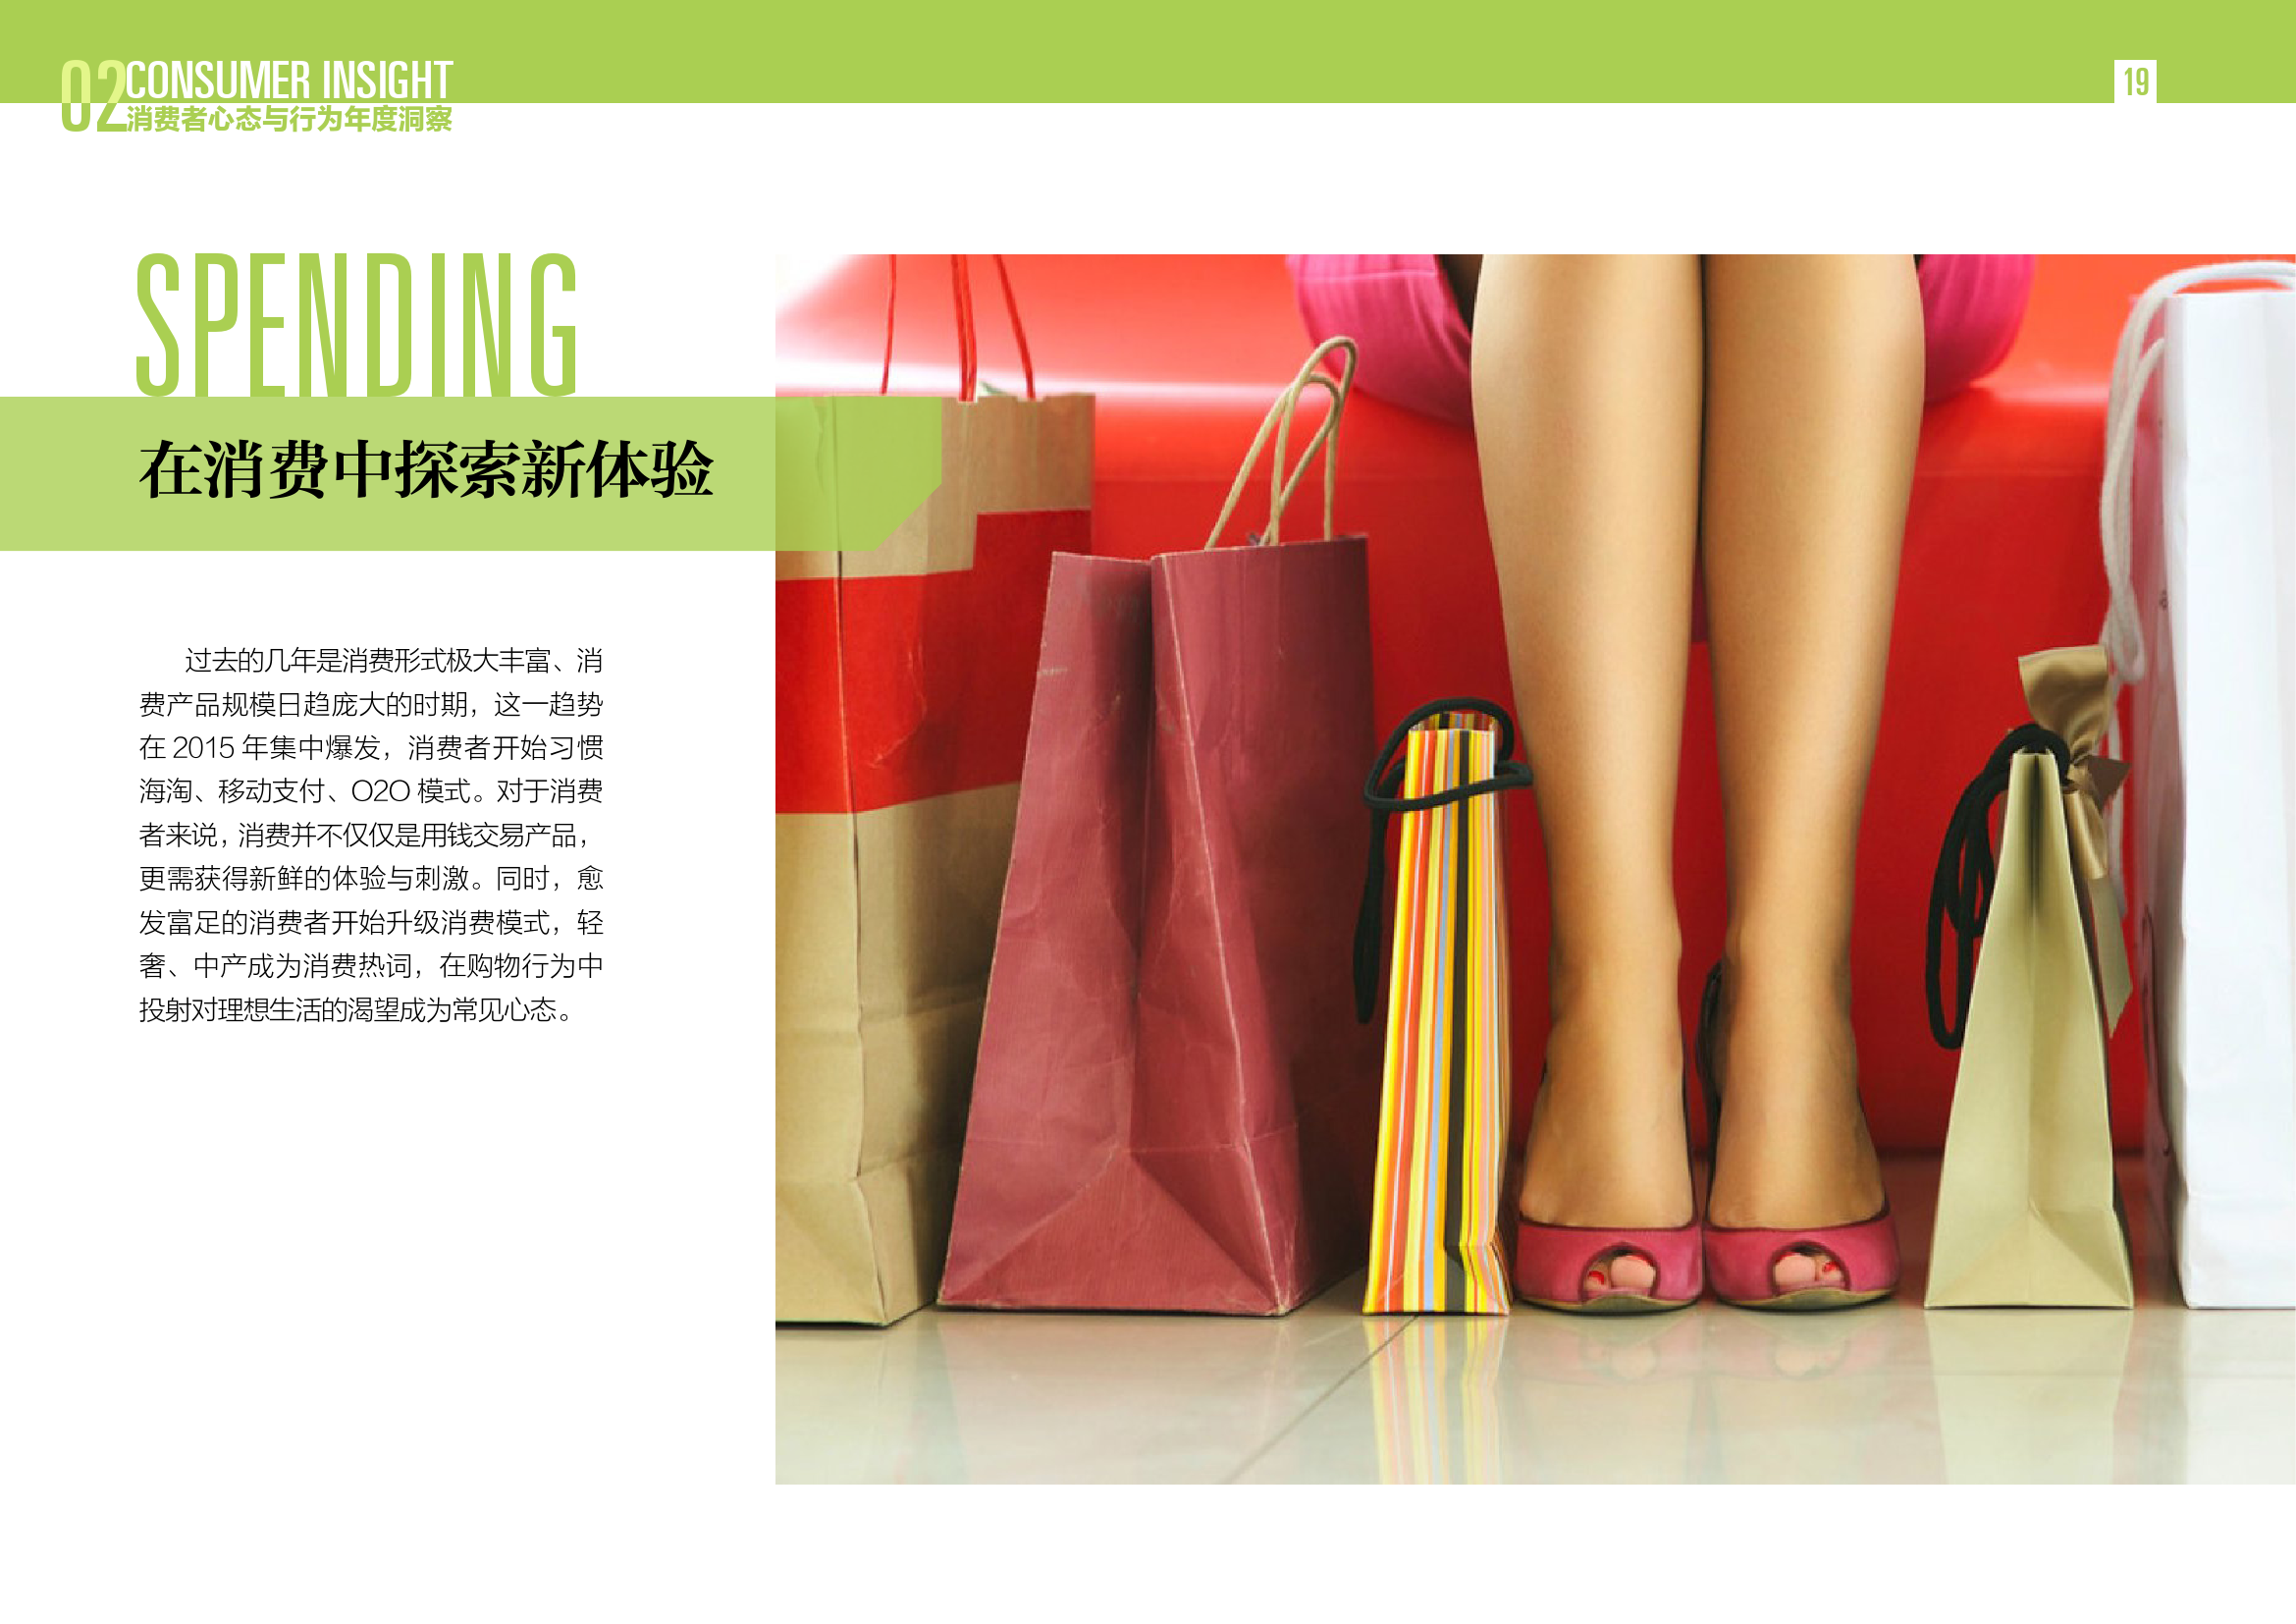 2016中国数字营销行动报告_000019